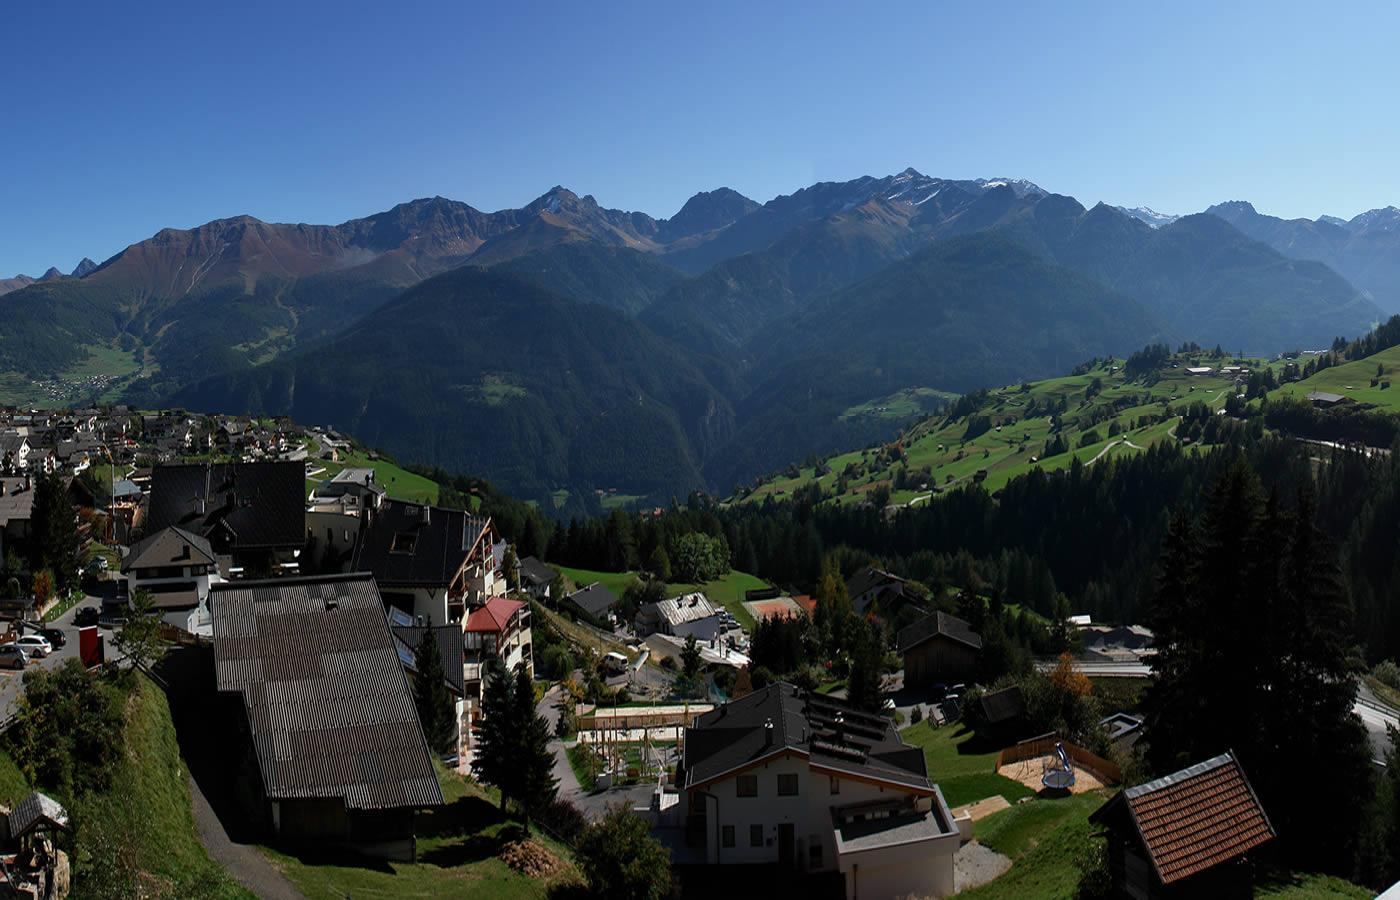 Hotel Natürlich Aussichten - Familien-Urlaub in Tirol - Österreich.